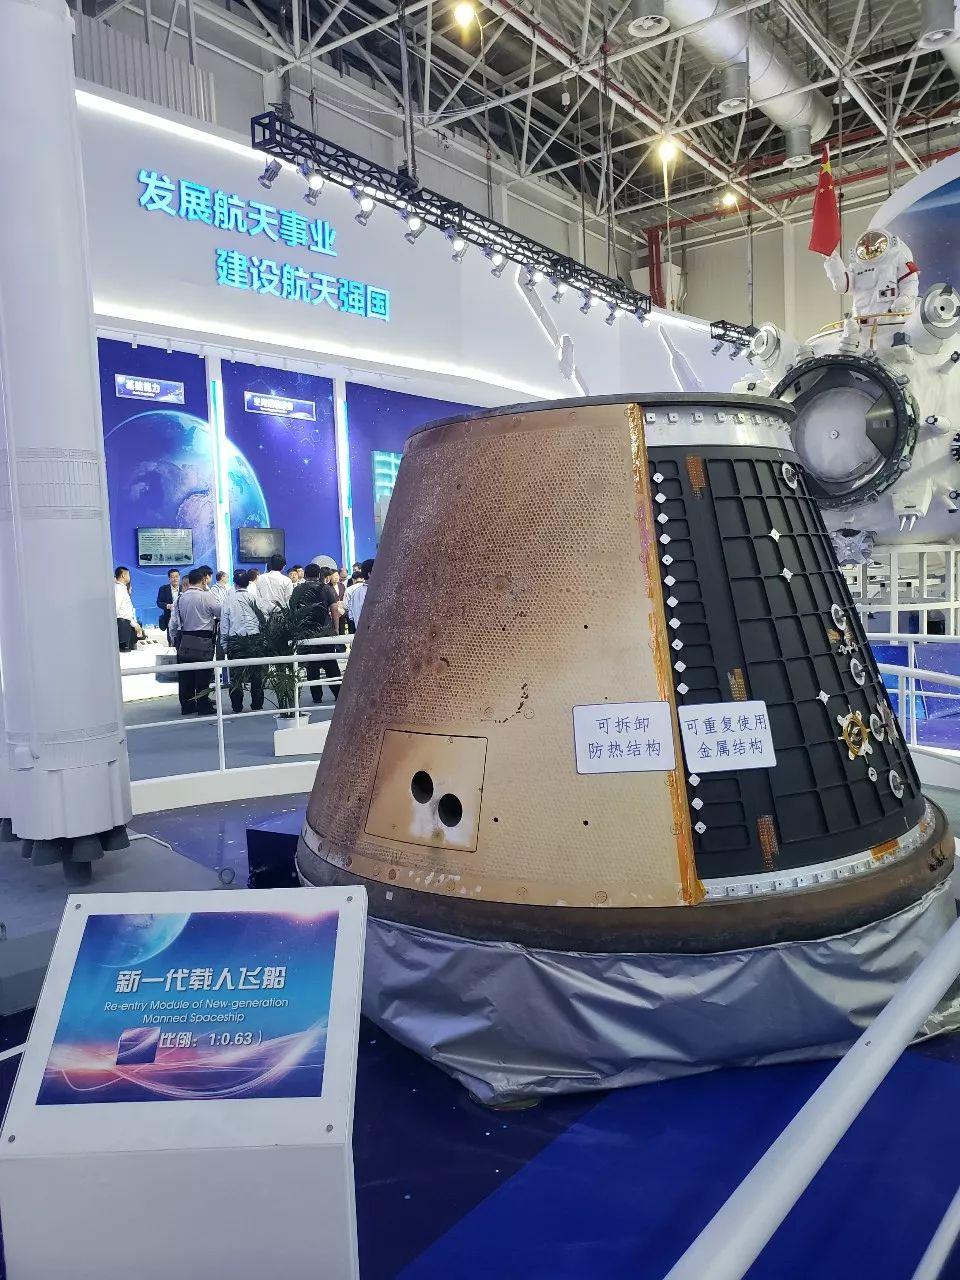 新一代载人飞船模型